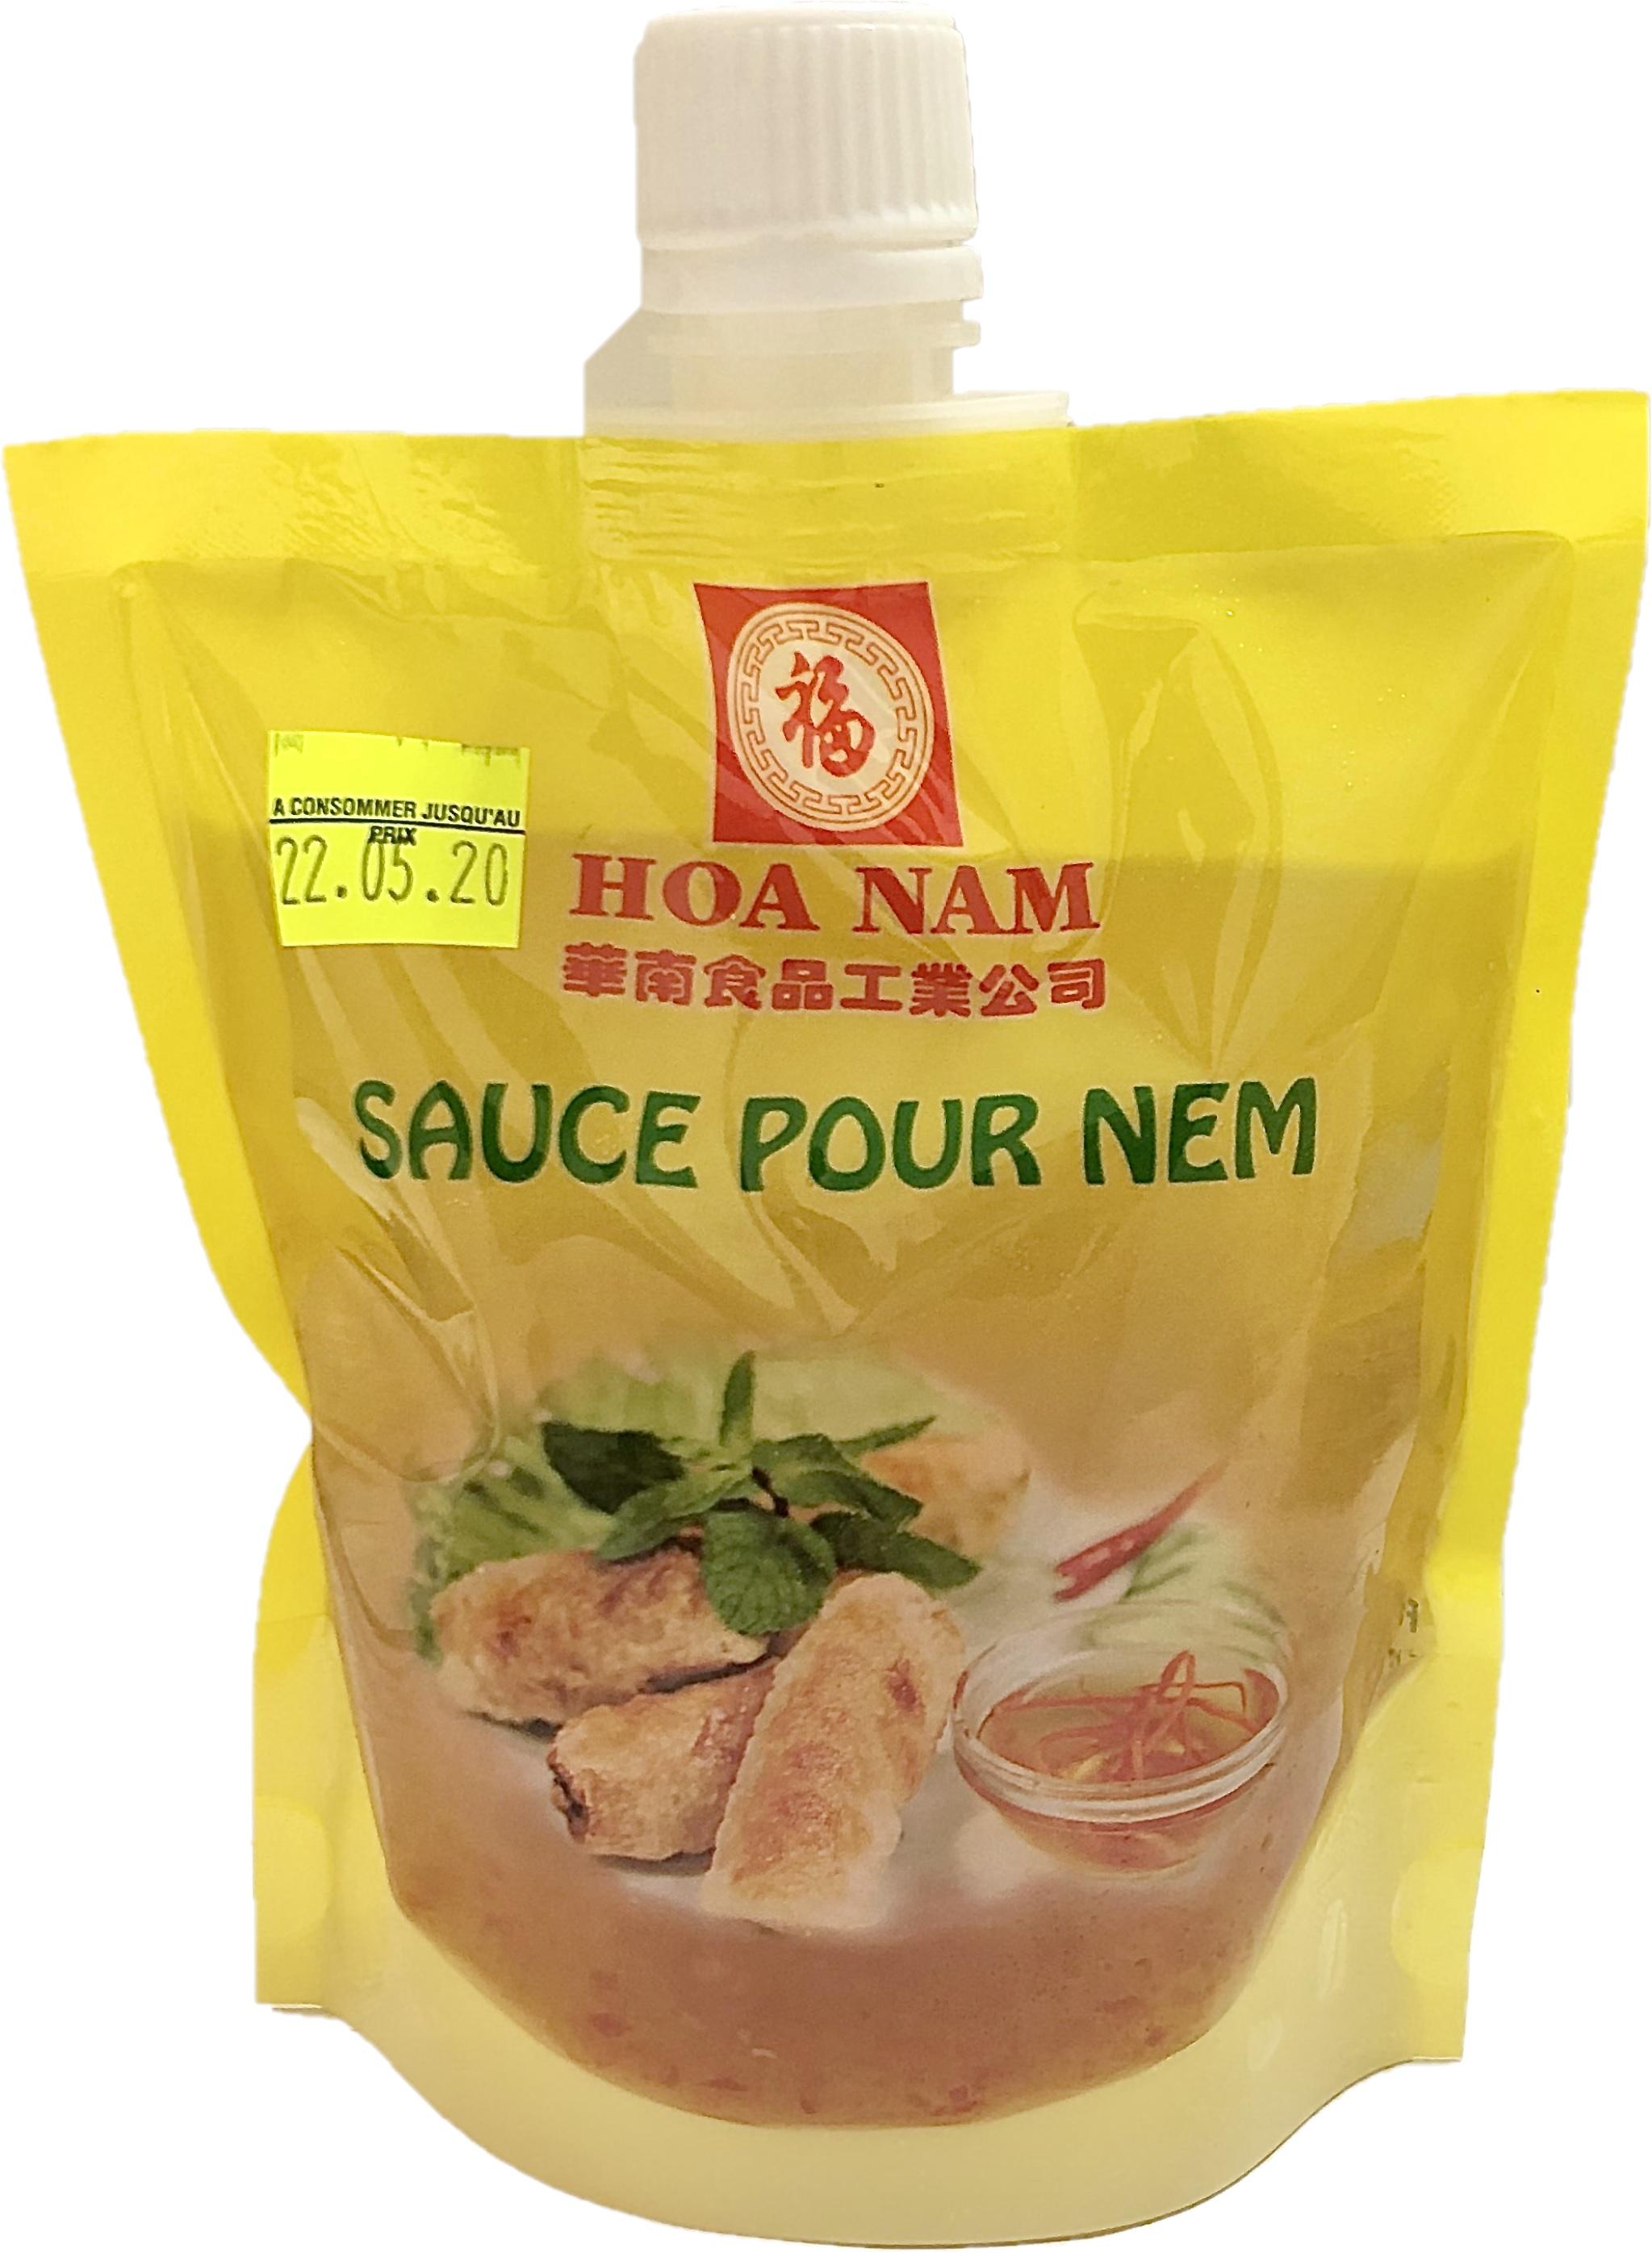 Sauce pour nem, Hoanam (250 ml)